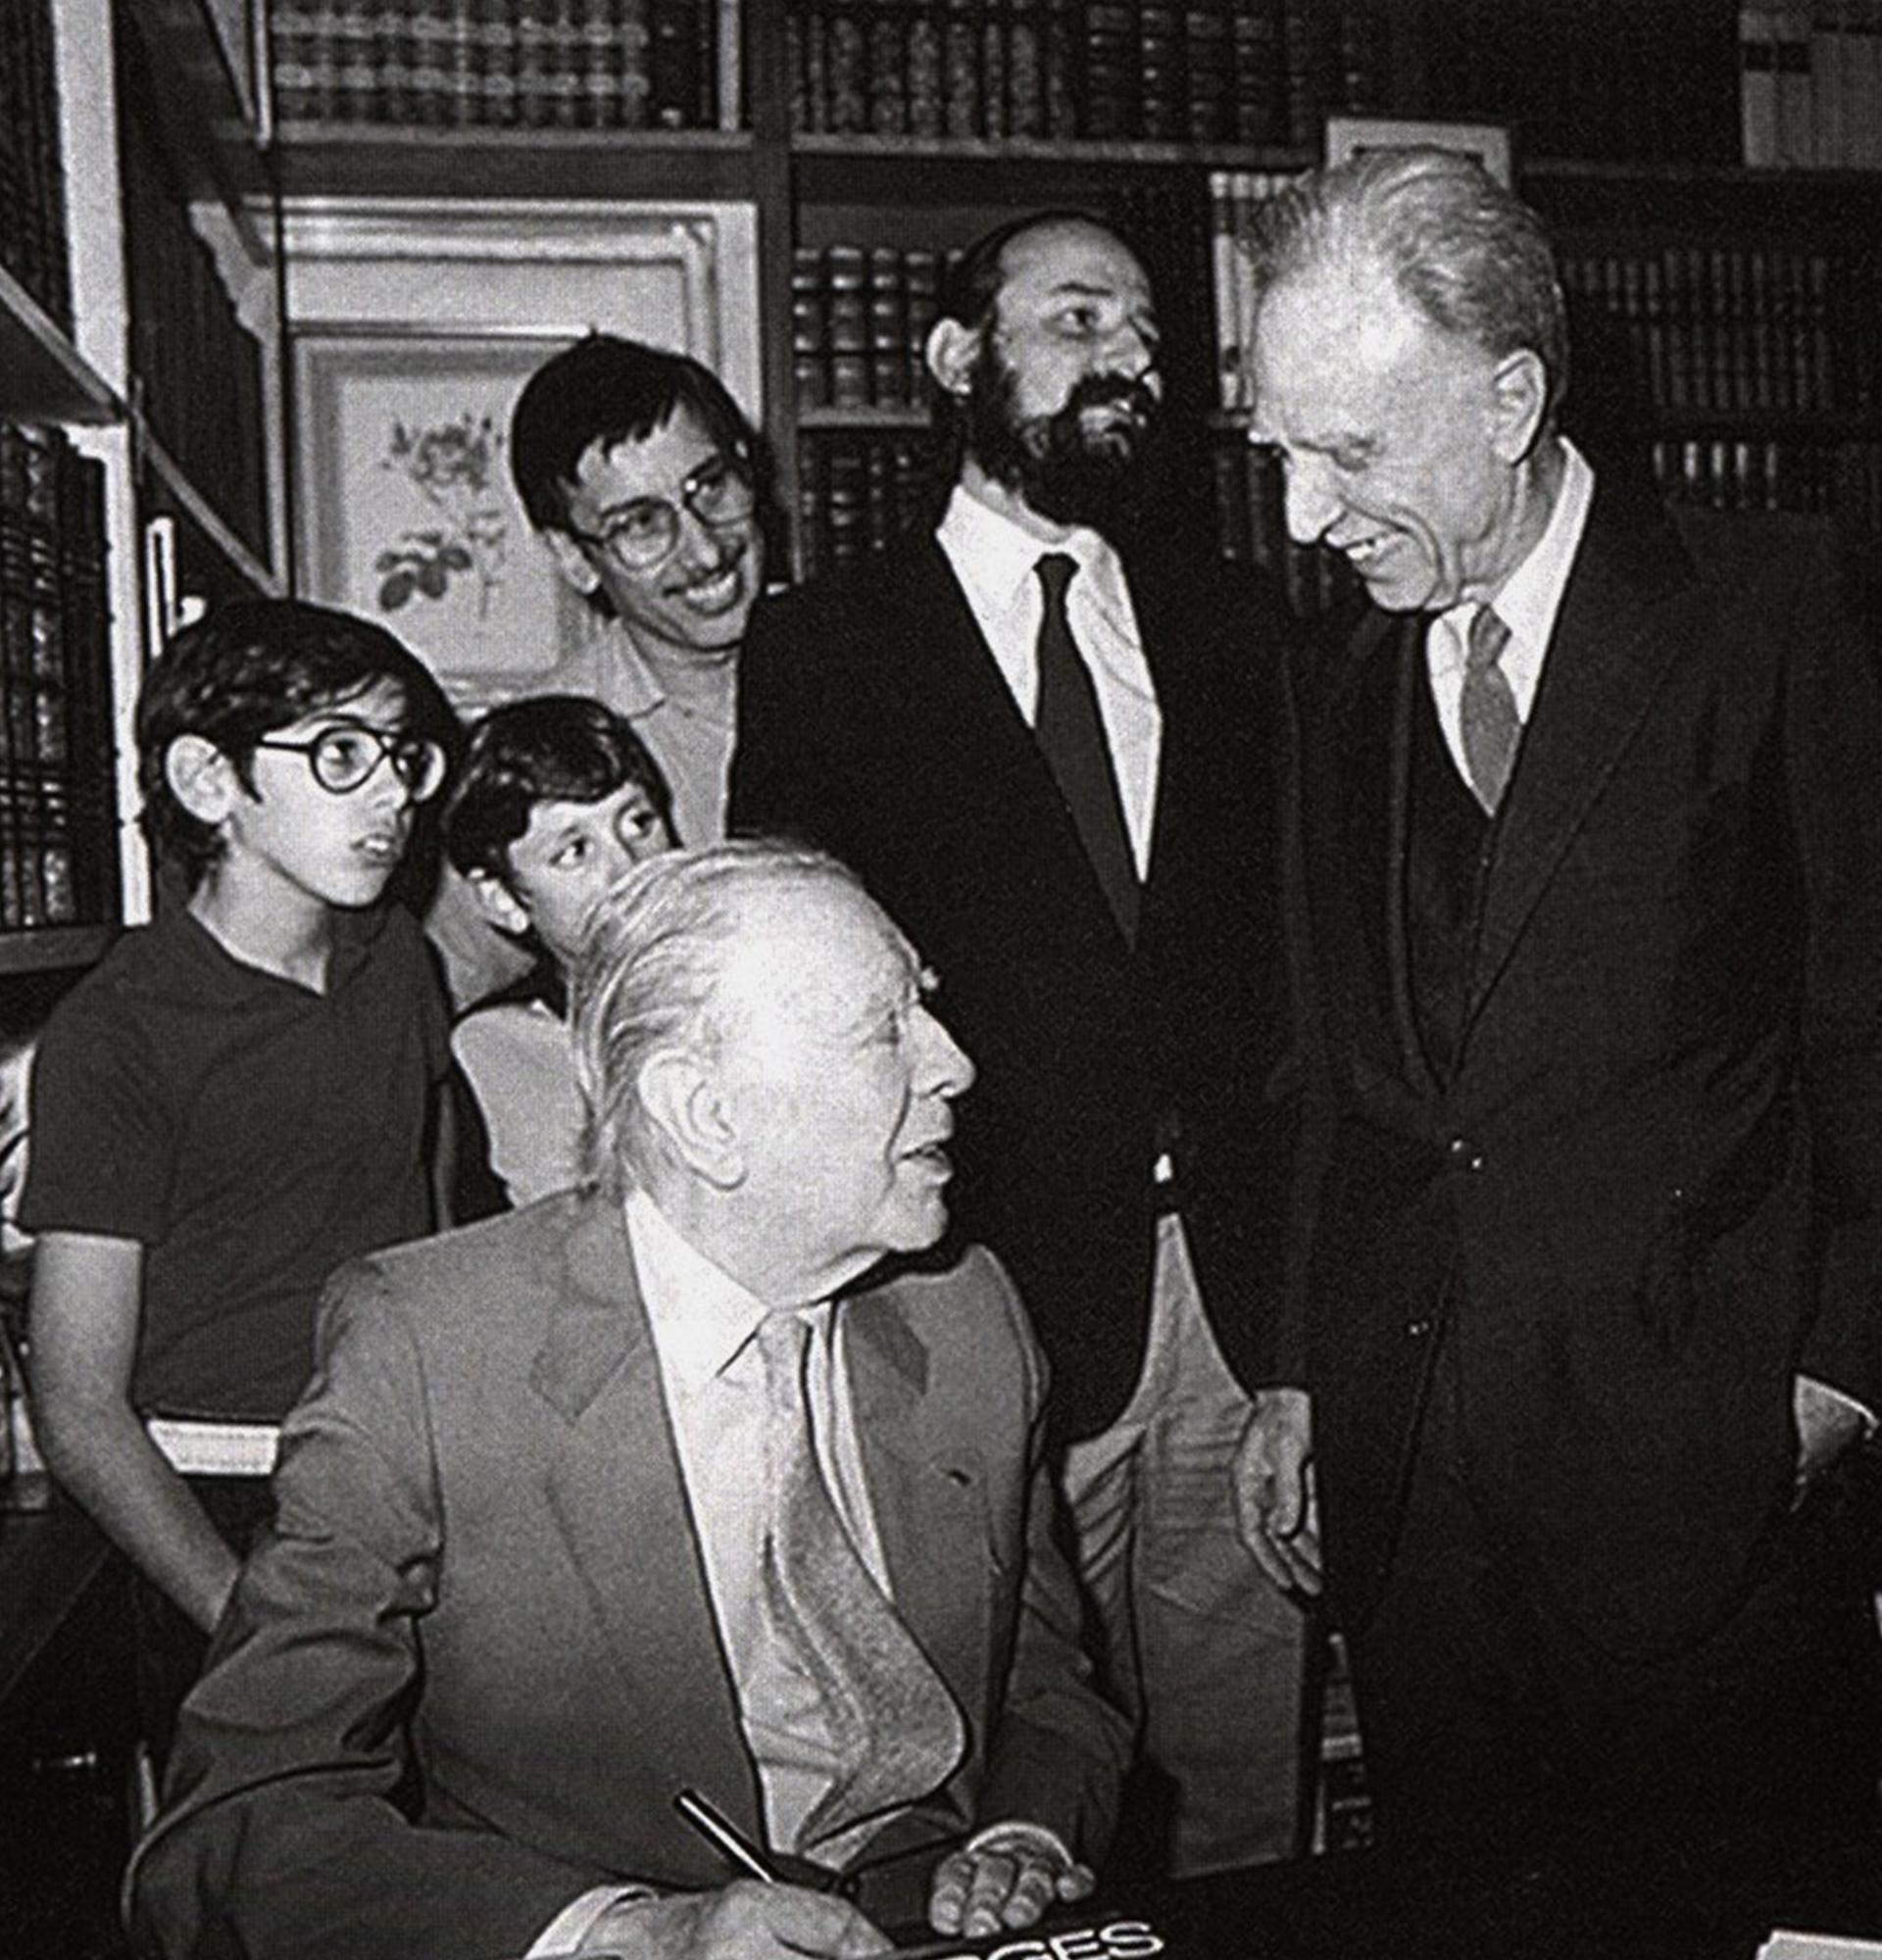 Último encuentro entre Borges y Bioy, en la librería de Alberto Casares (en el centro de pie, con barba)